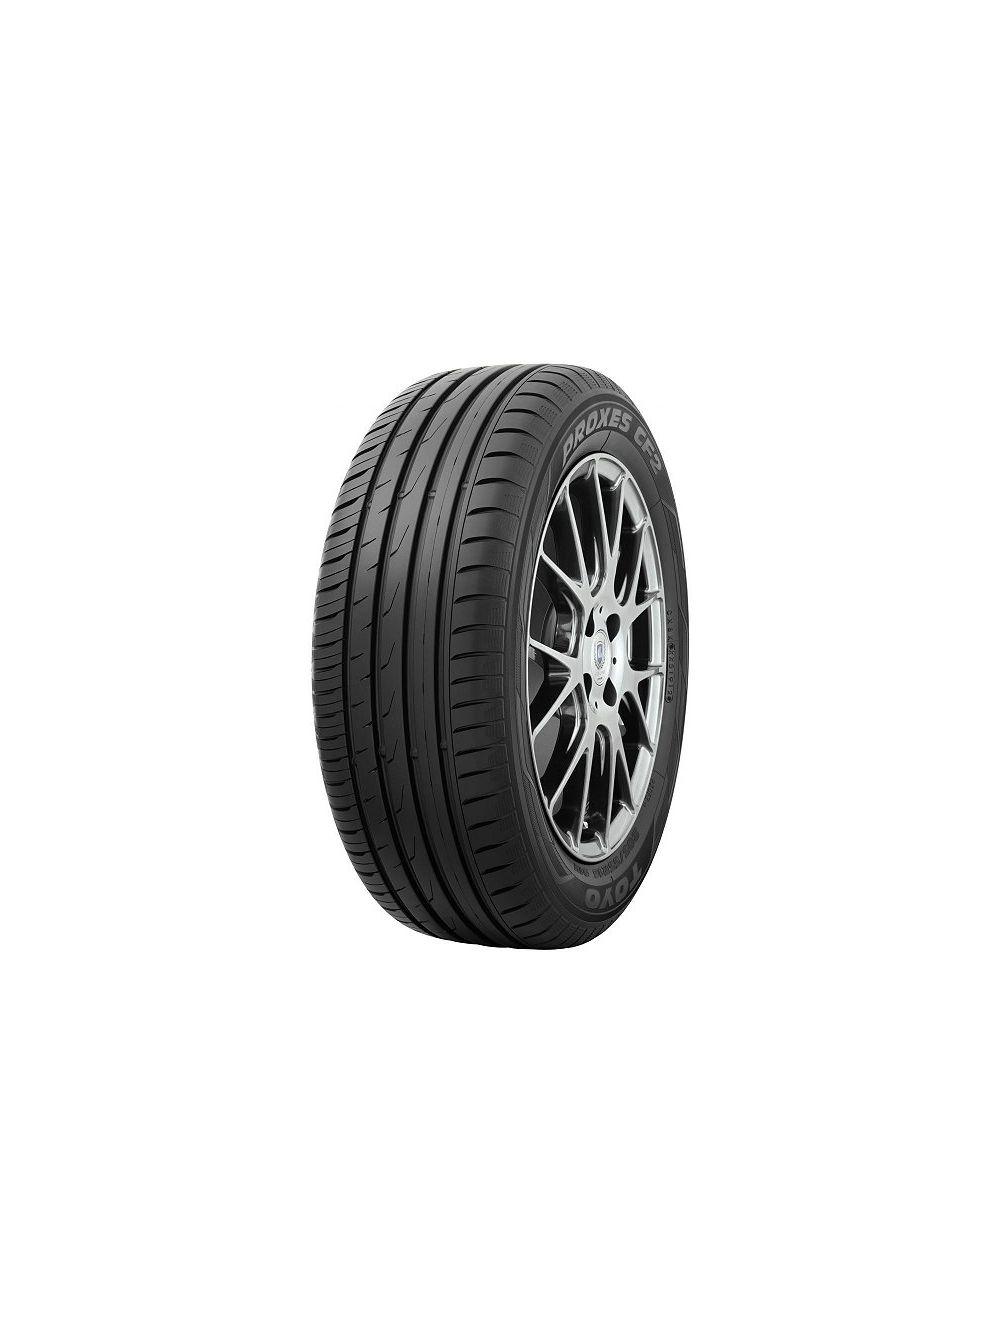 Toyo 225/60R17 H CF2 Proxes SUV Nyári gumi